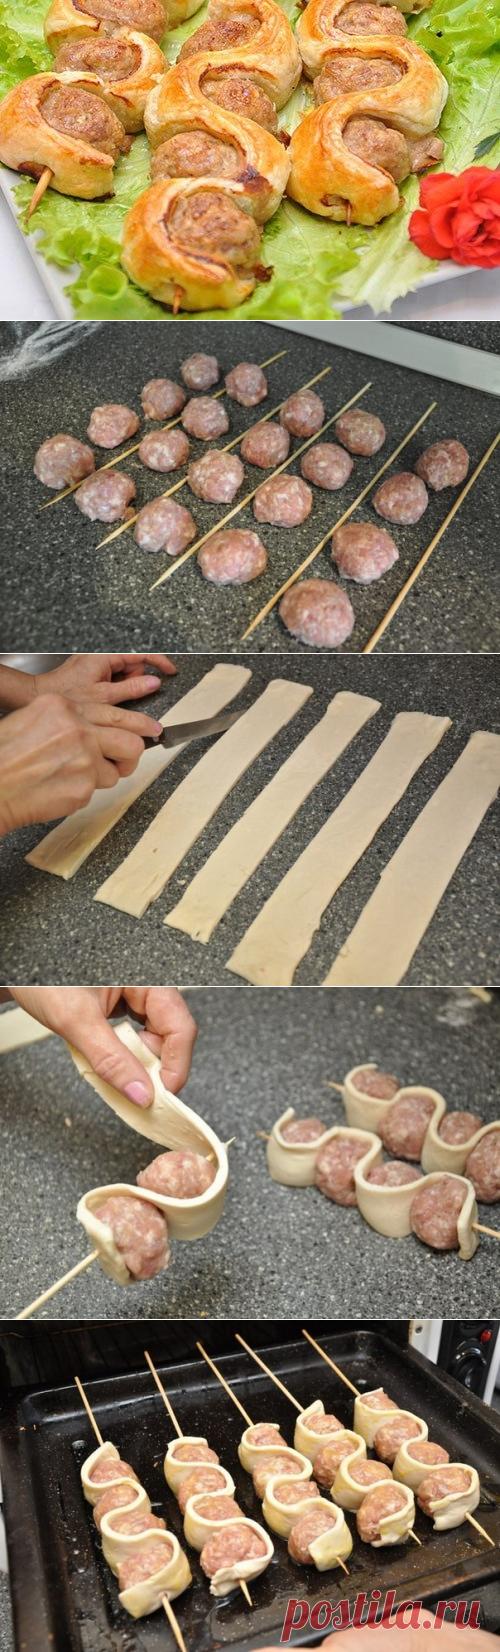 Шашлыки - фарш и тесто - на шпажках